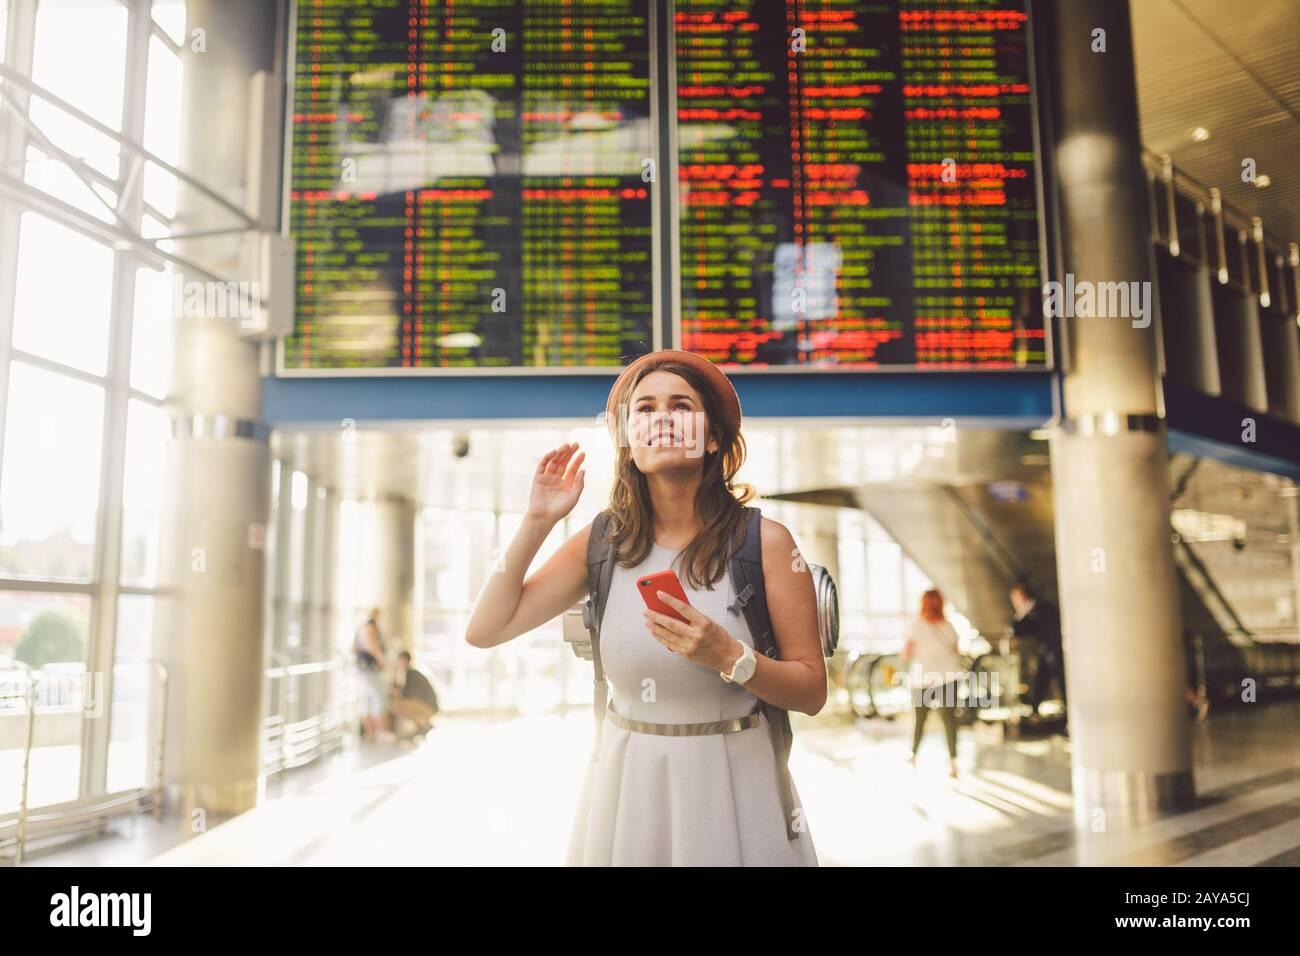 Viaggio a tema e tranosport. Bella giovane donna caucasica in abito e zaino in piedi all'interno della stazione ferroviaria o del terminal loo Foto Stock